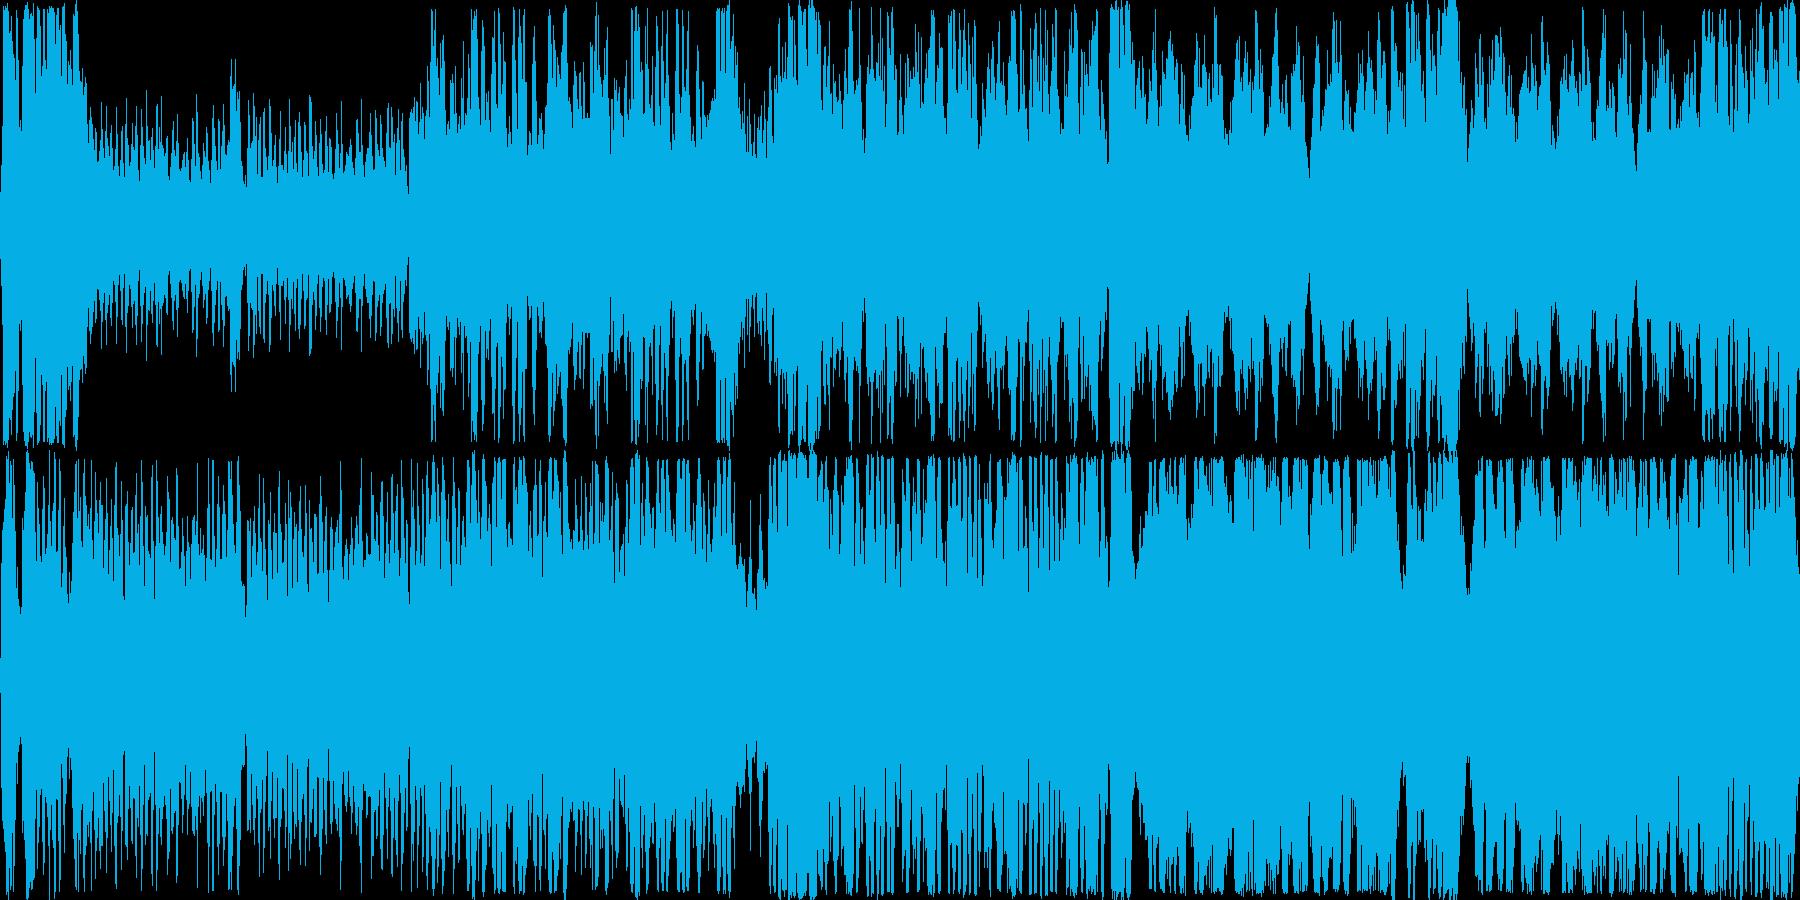 シュトラウス風のポルカをイメージして作…の再生済みの波形